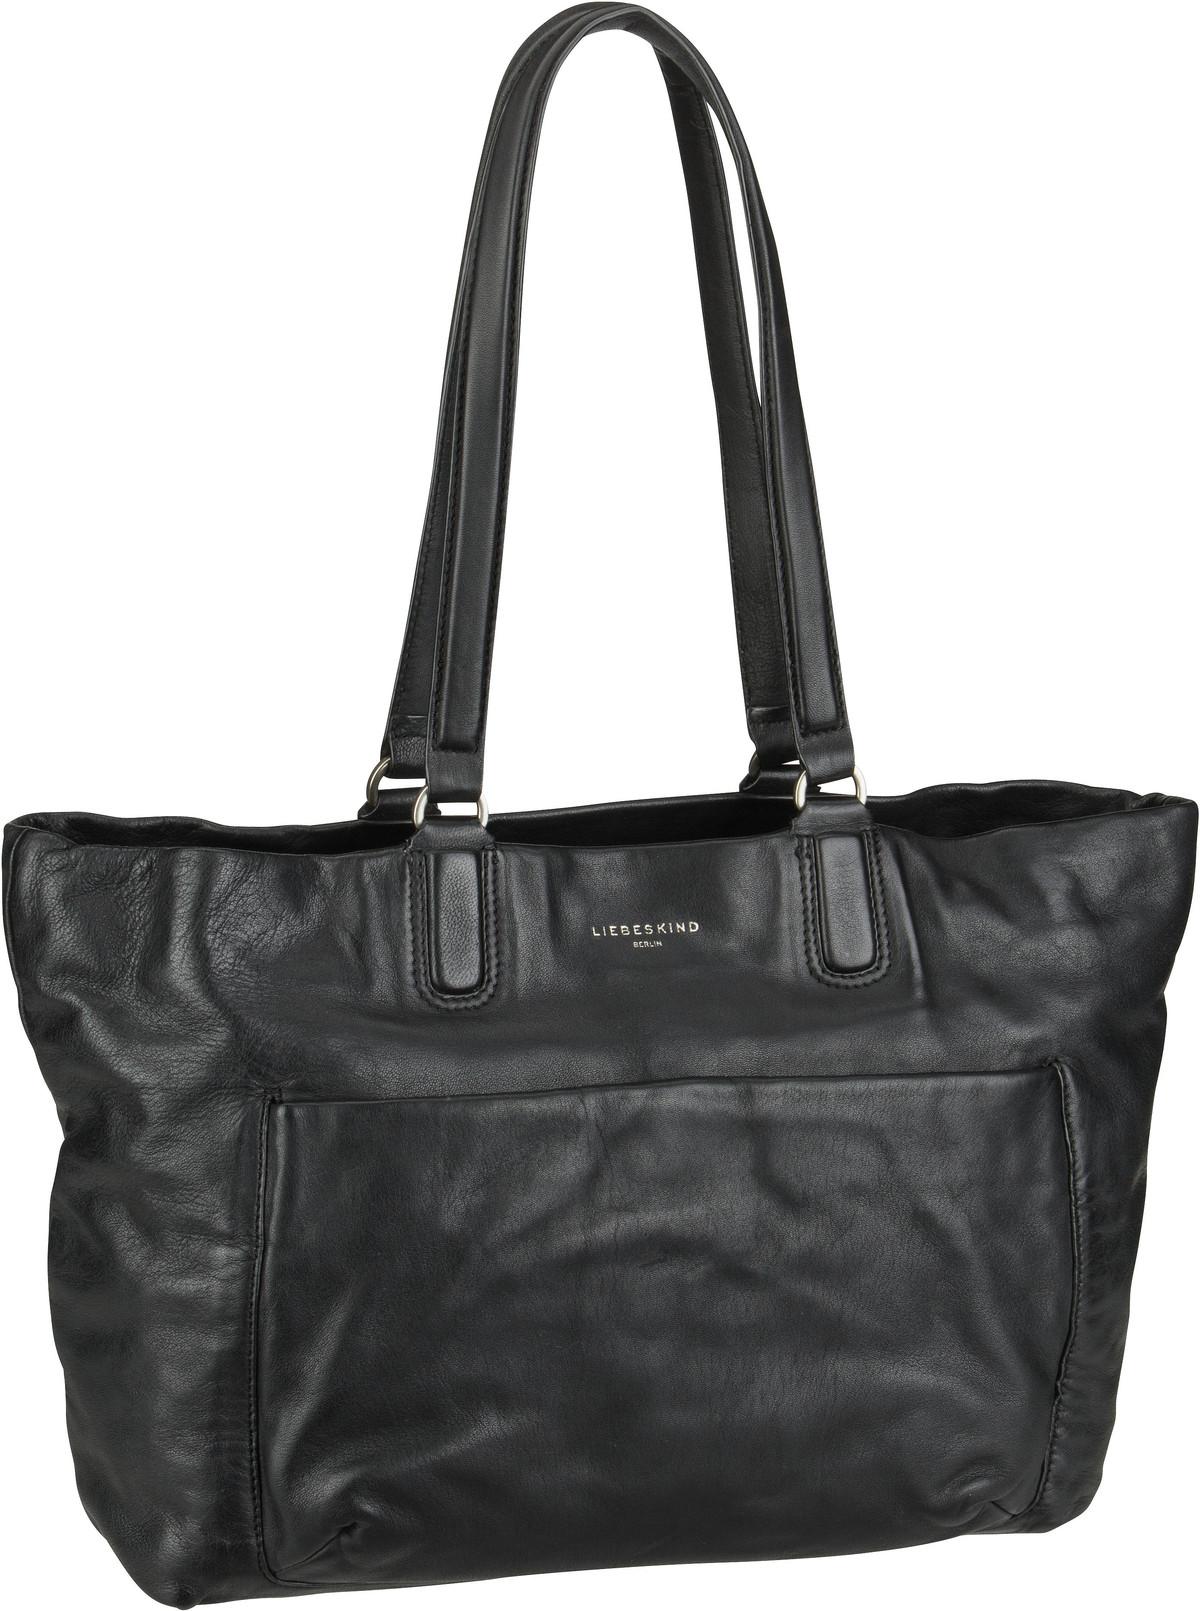 Berlin Handtasche Ever Shopper L Black